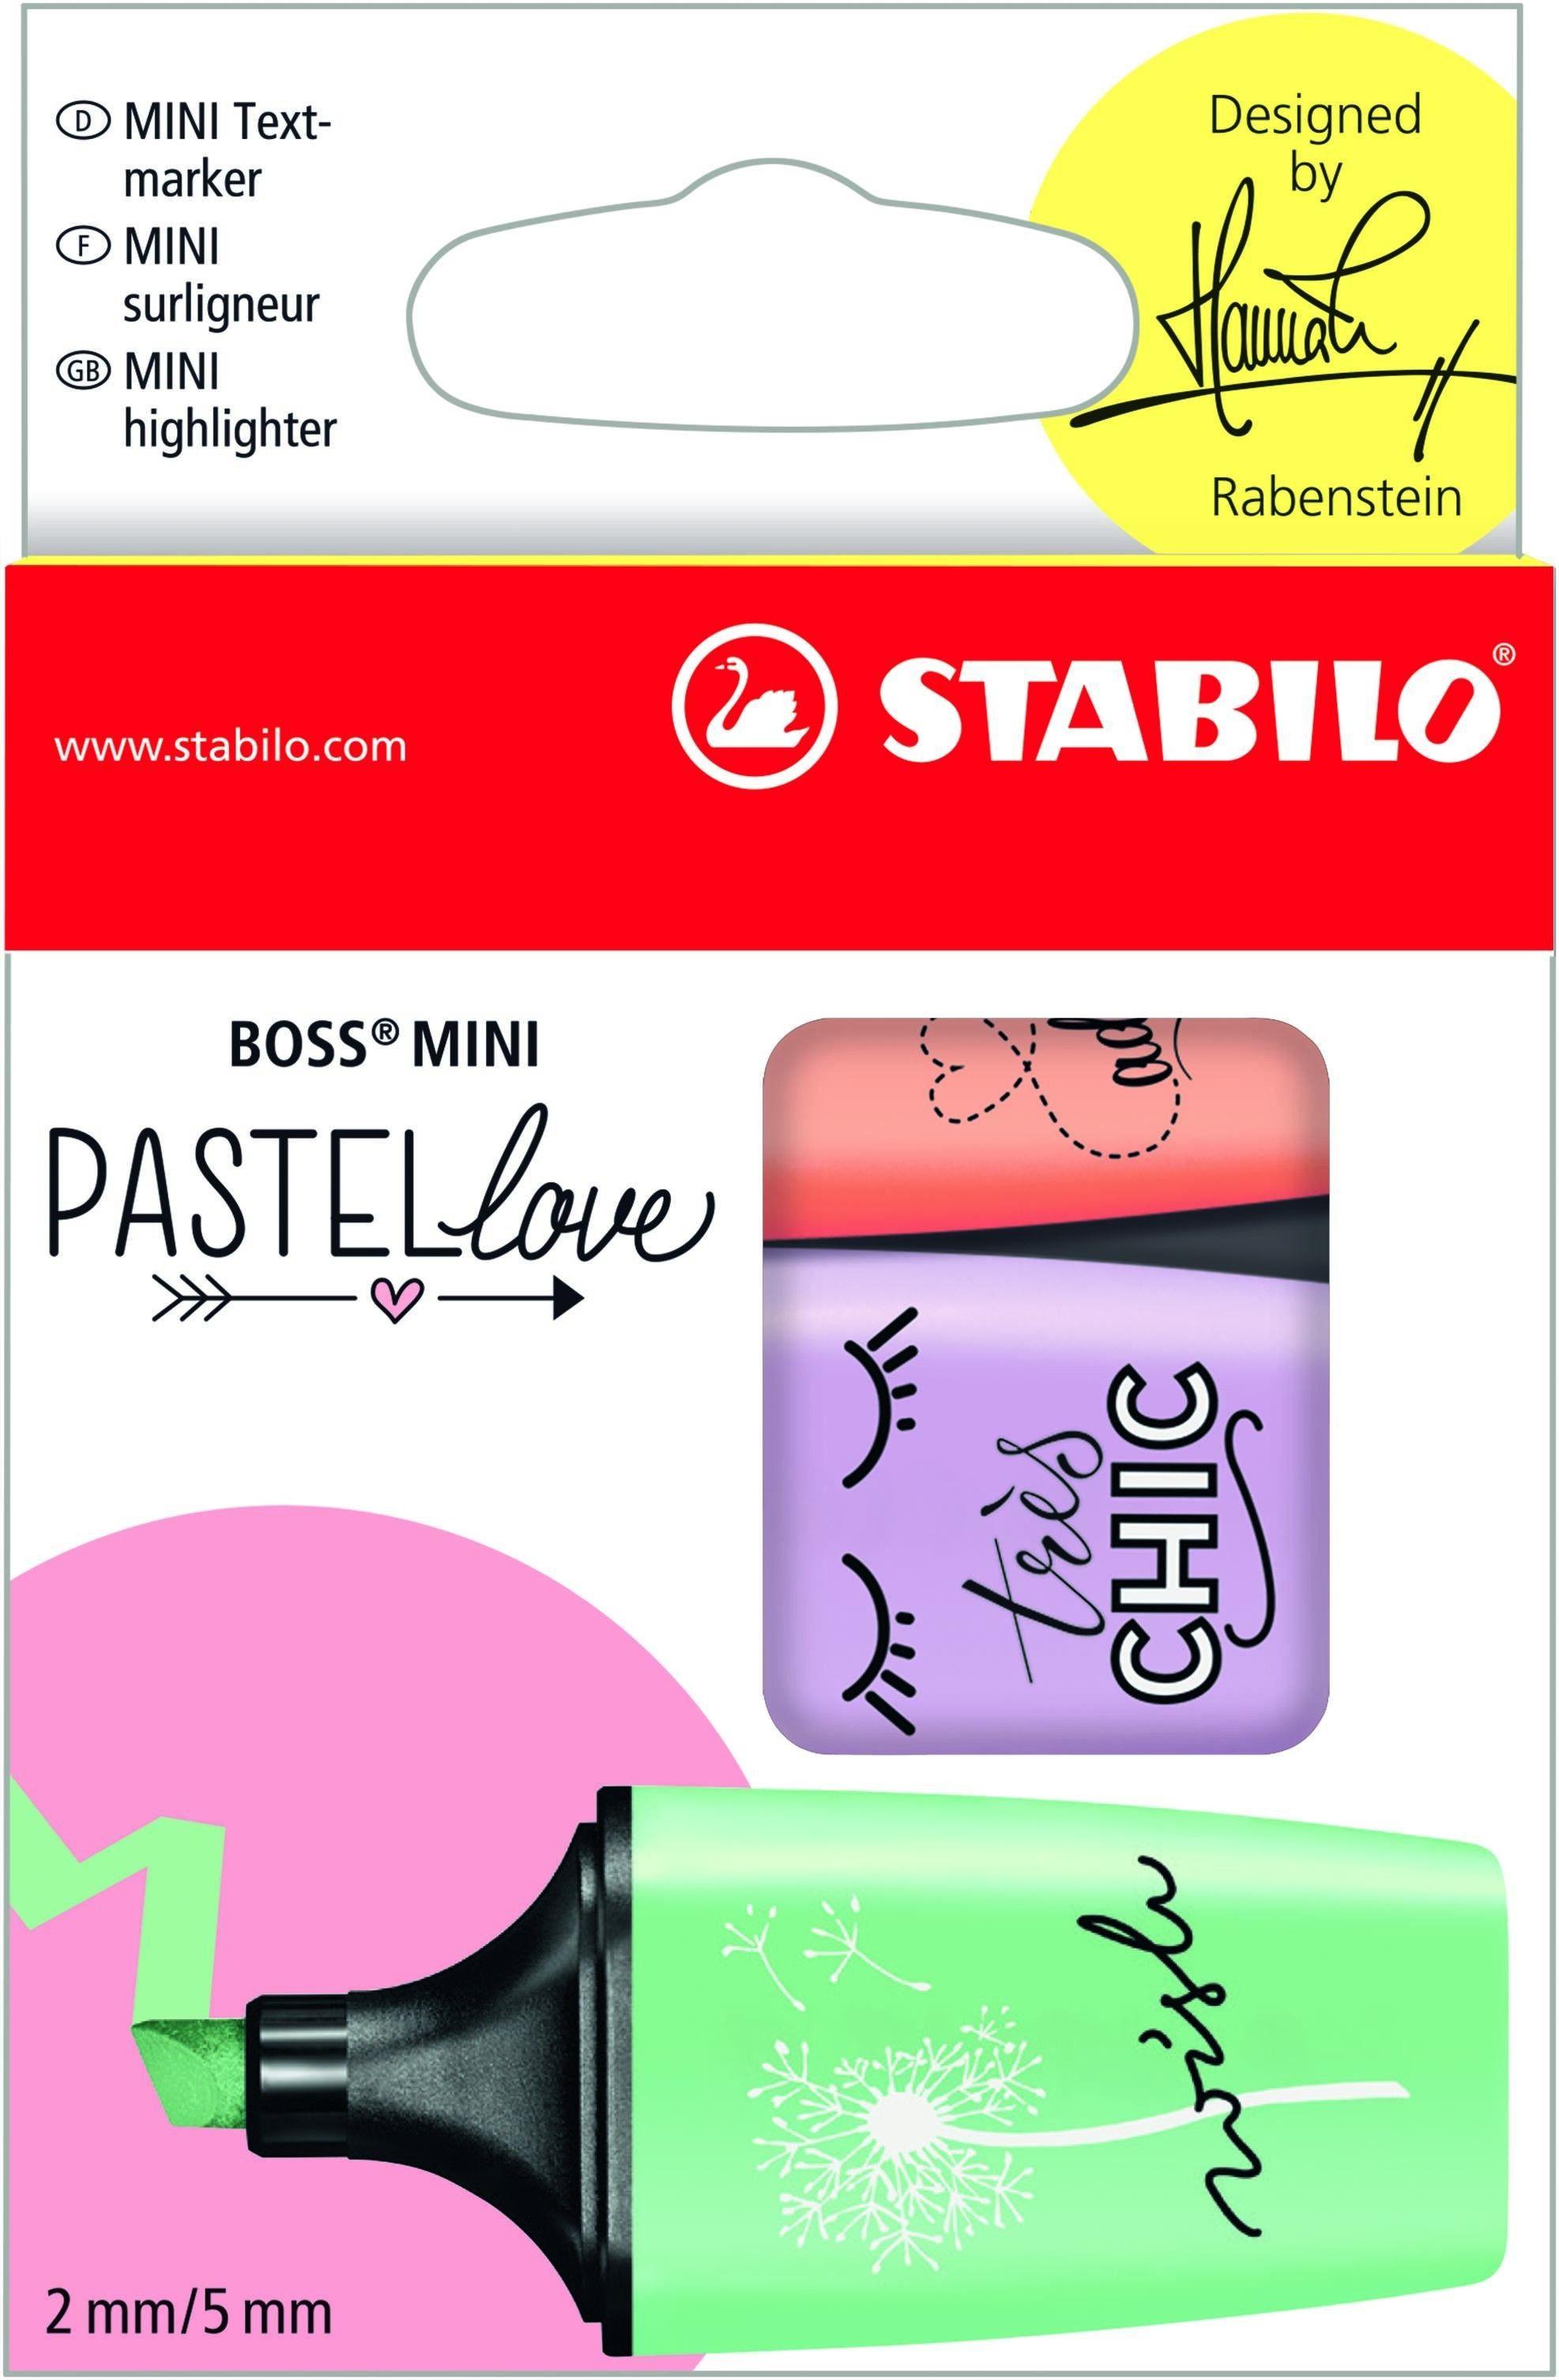 STABILO BOSS MINI Pastellove - Pack de 3 surligneurs pastel - menthe, pêche, lilas